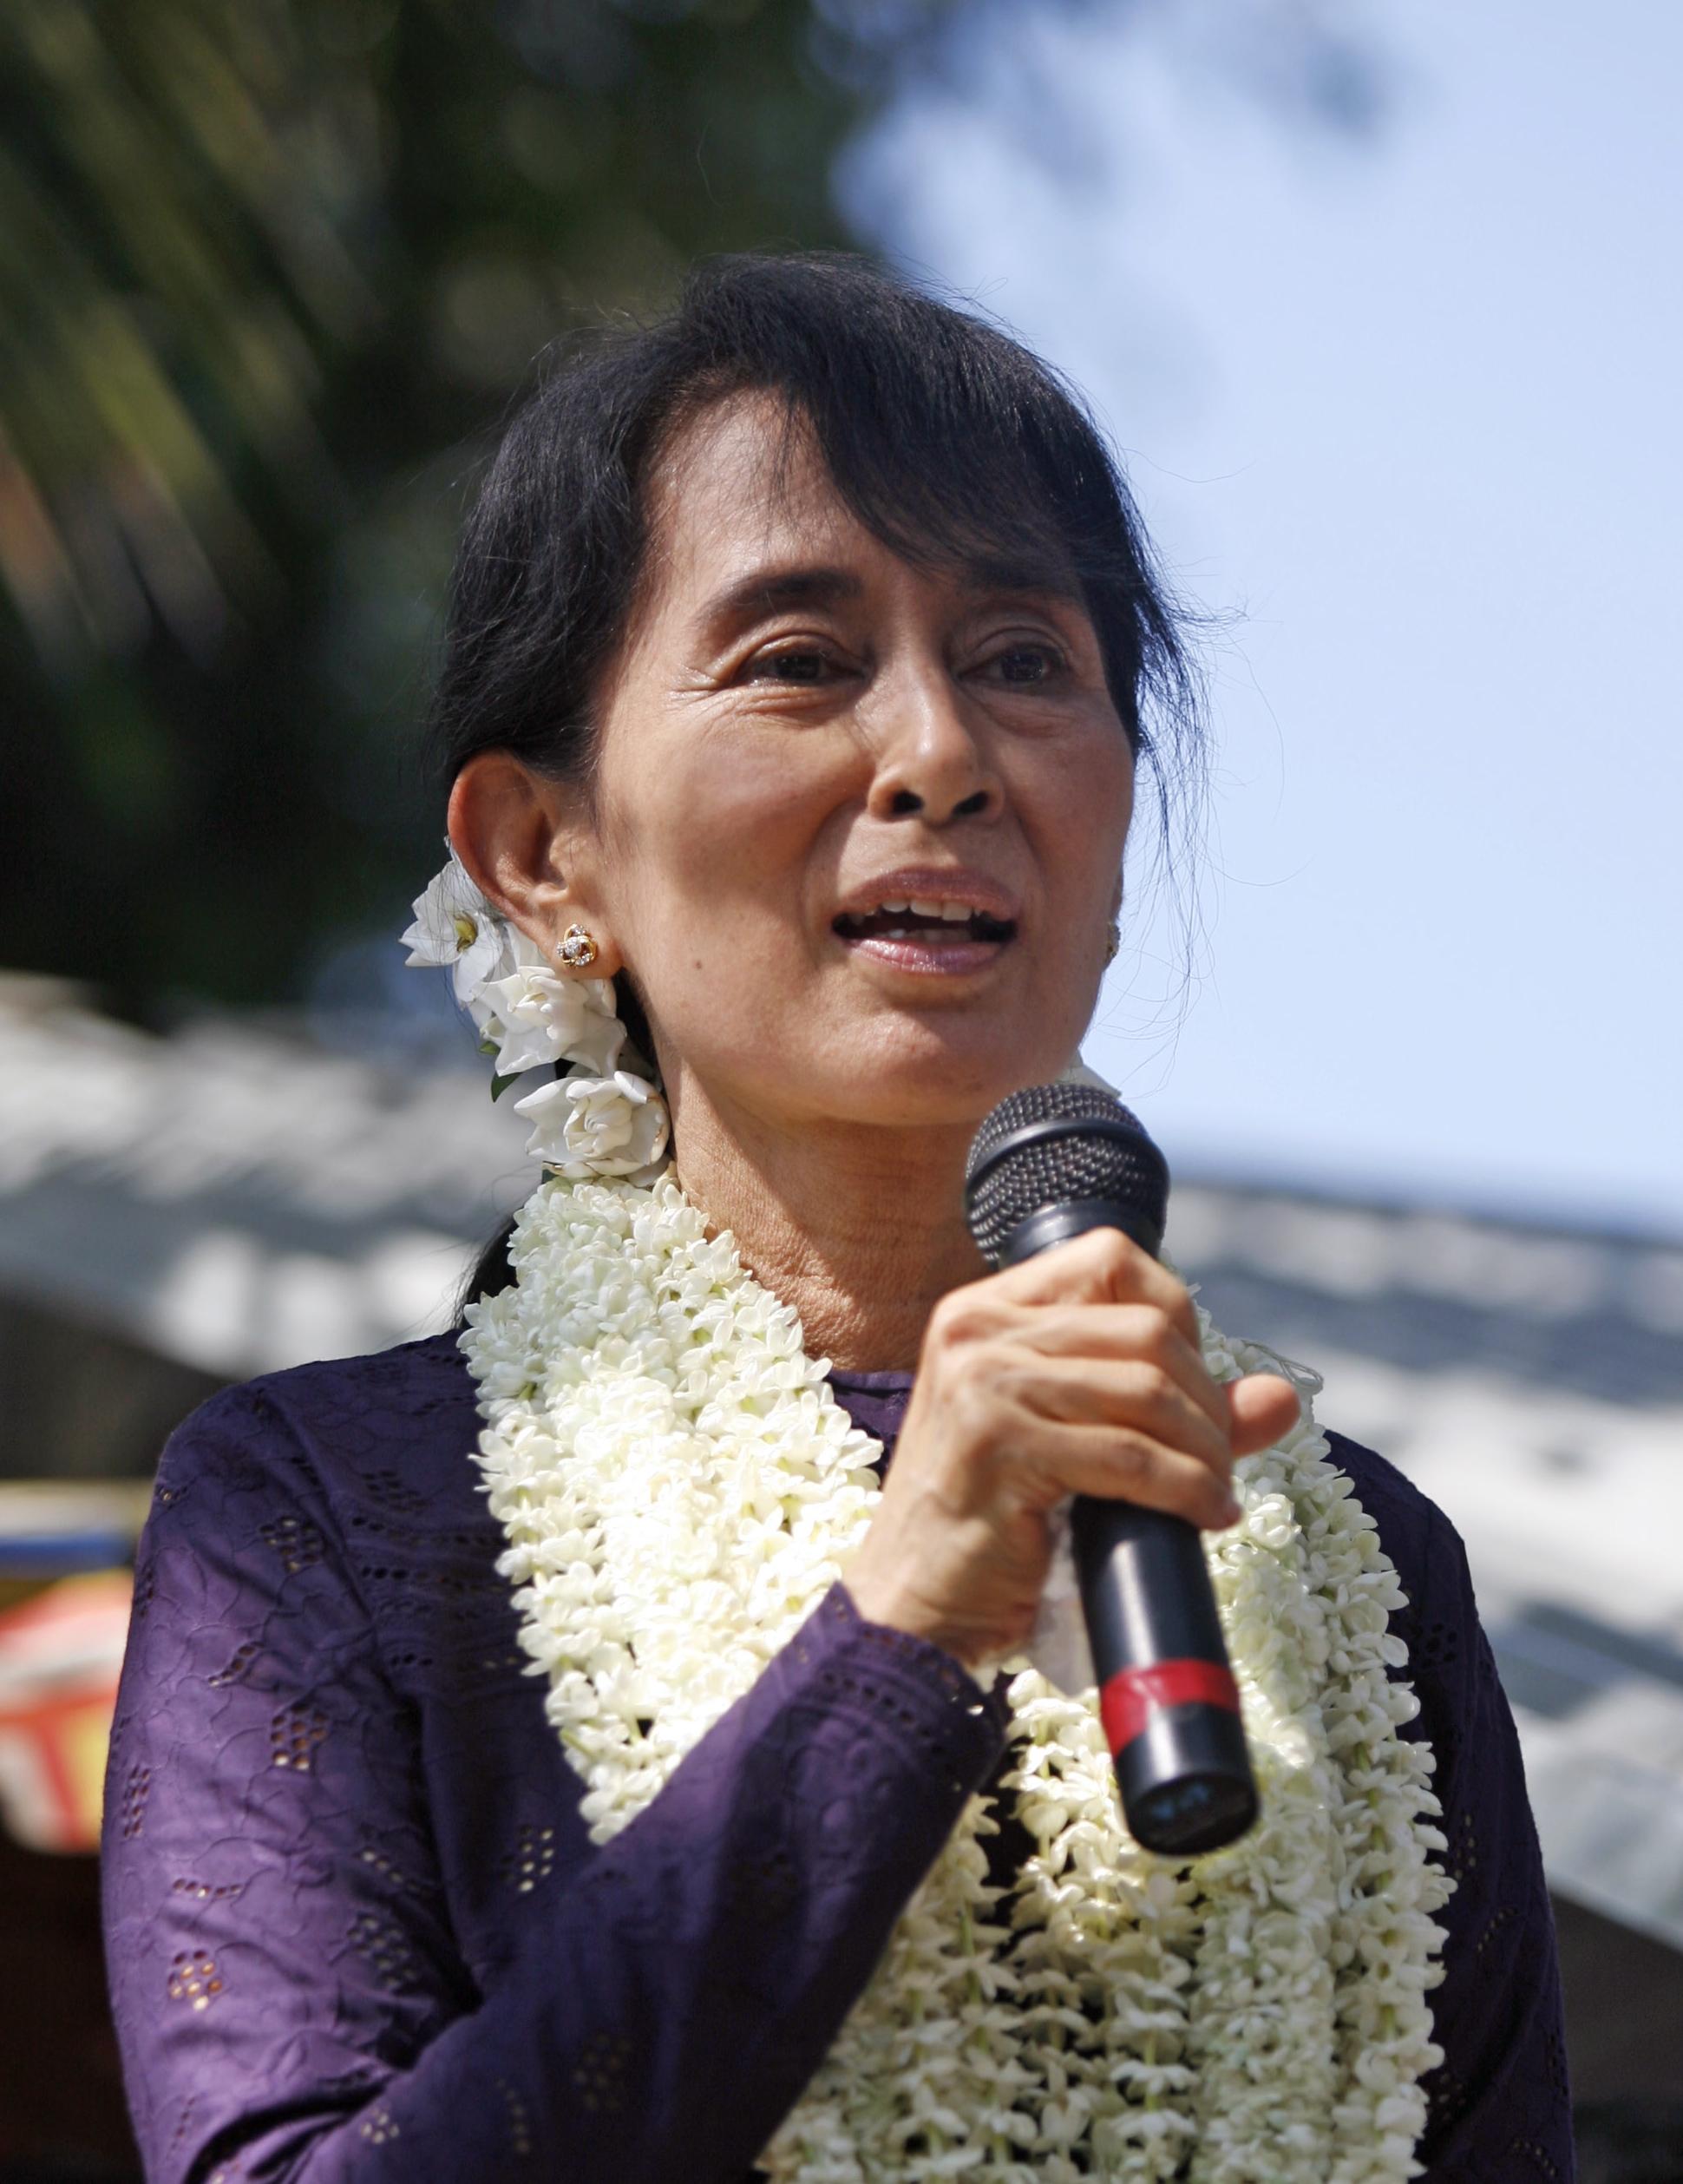 Aung San Suu Kyi rasis terhadap Muslim, petisi digulirkan